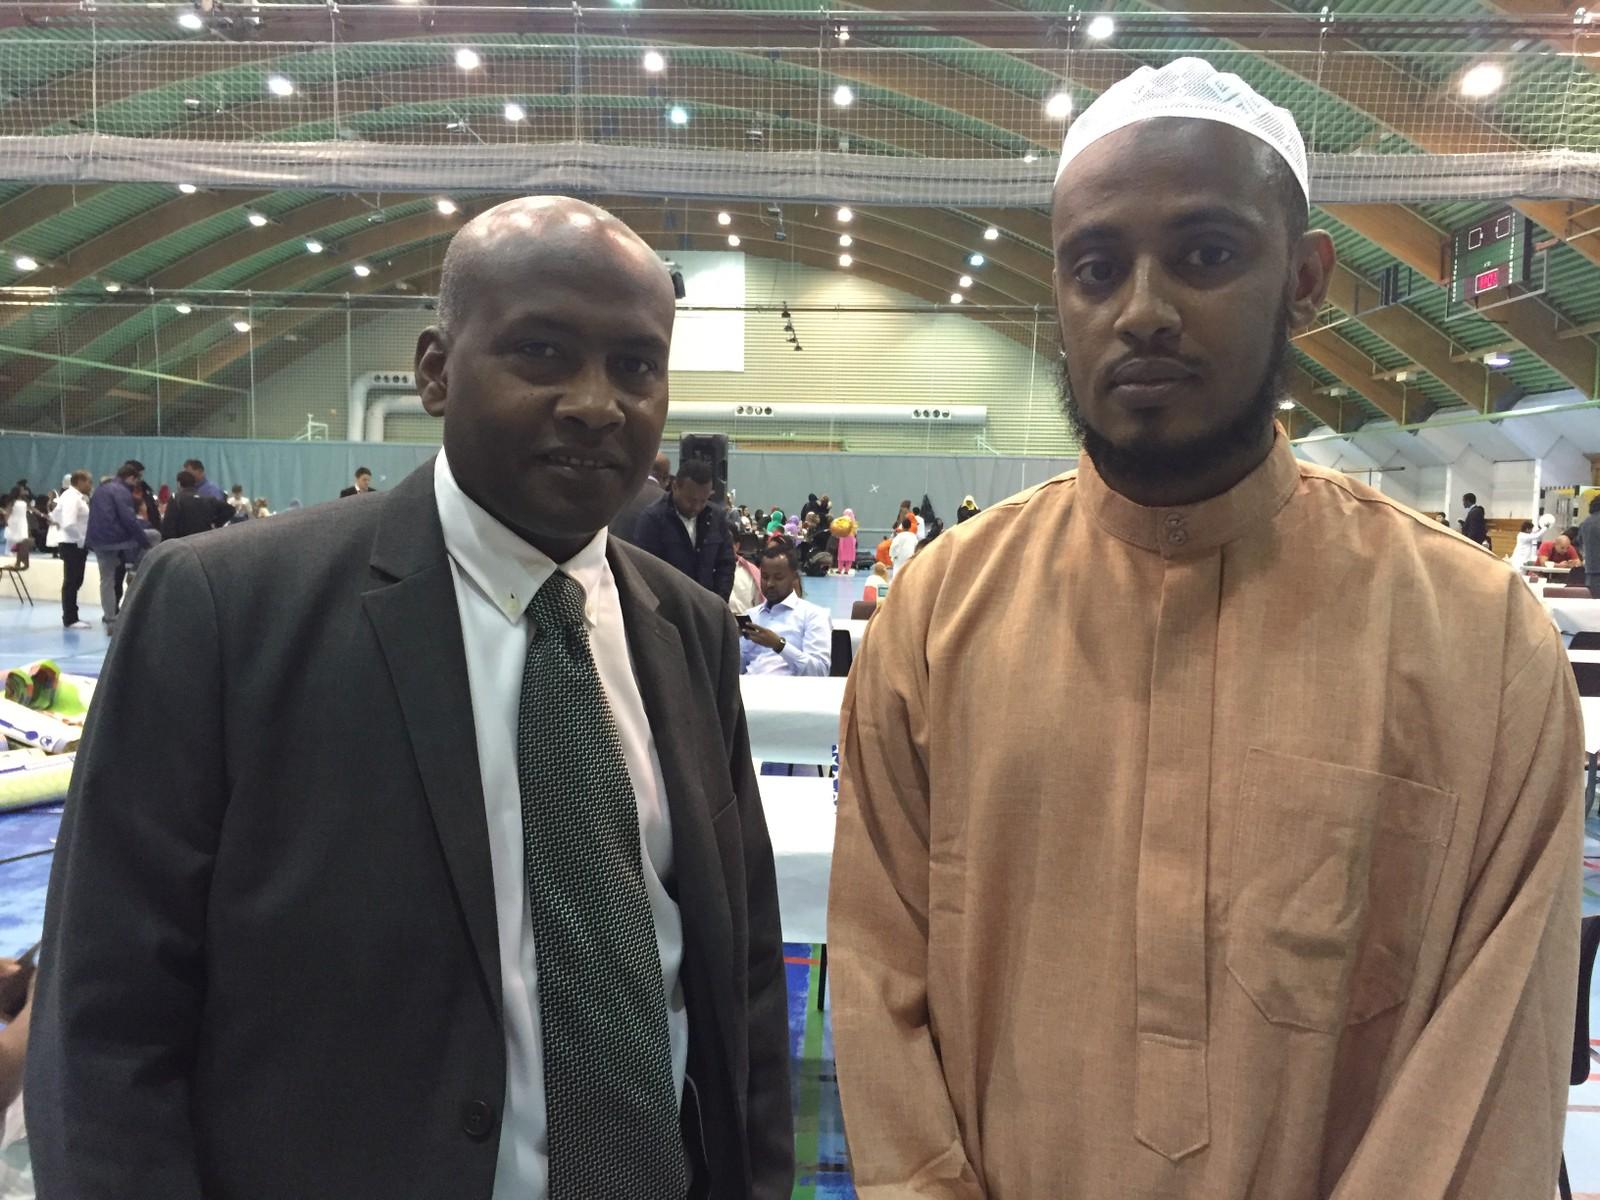 Abdalla Ali Mohammed er medlem av Salaam-komiteen ved Alnorsenteret. Her avbildet med Iman Muslim fra Islamsk senter for Nord-Norge, som ledet bønnen og holdt tale for forsamlingen.